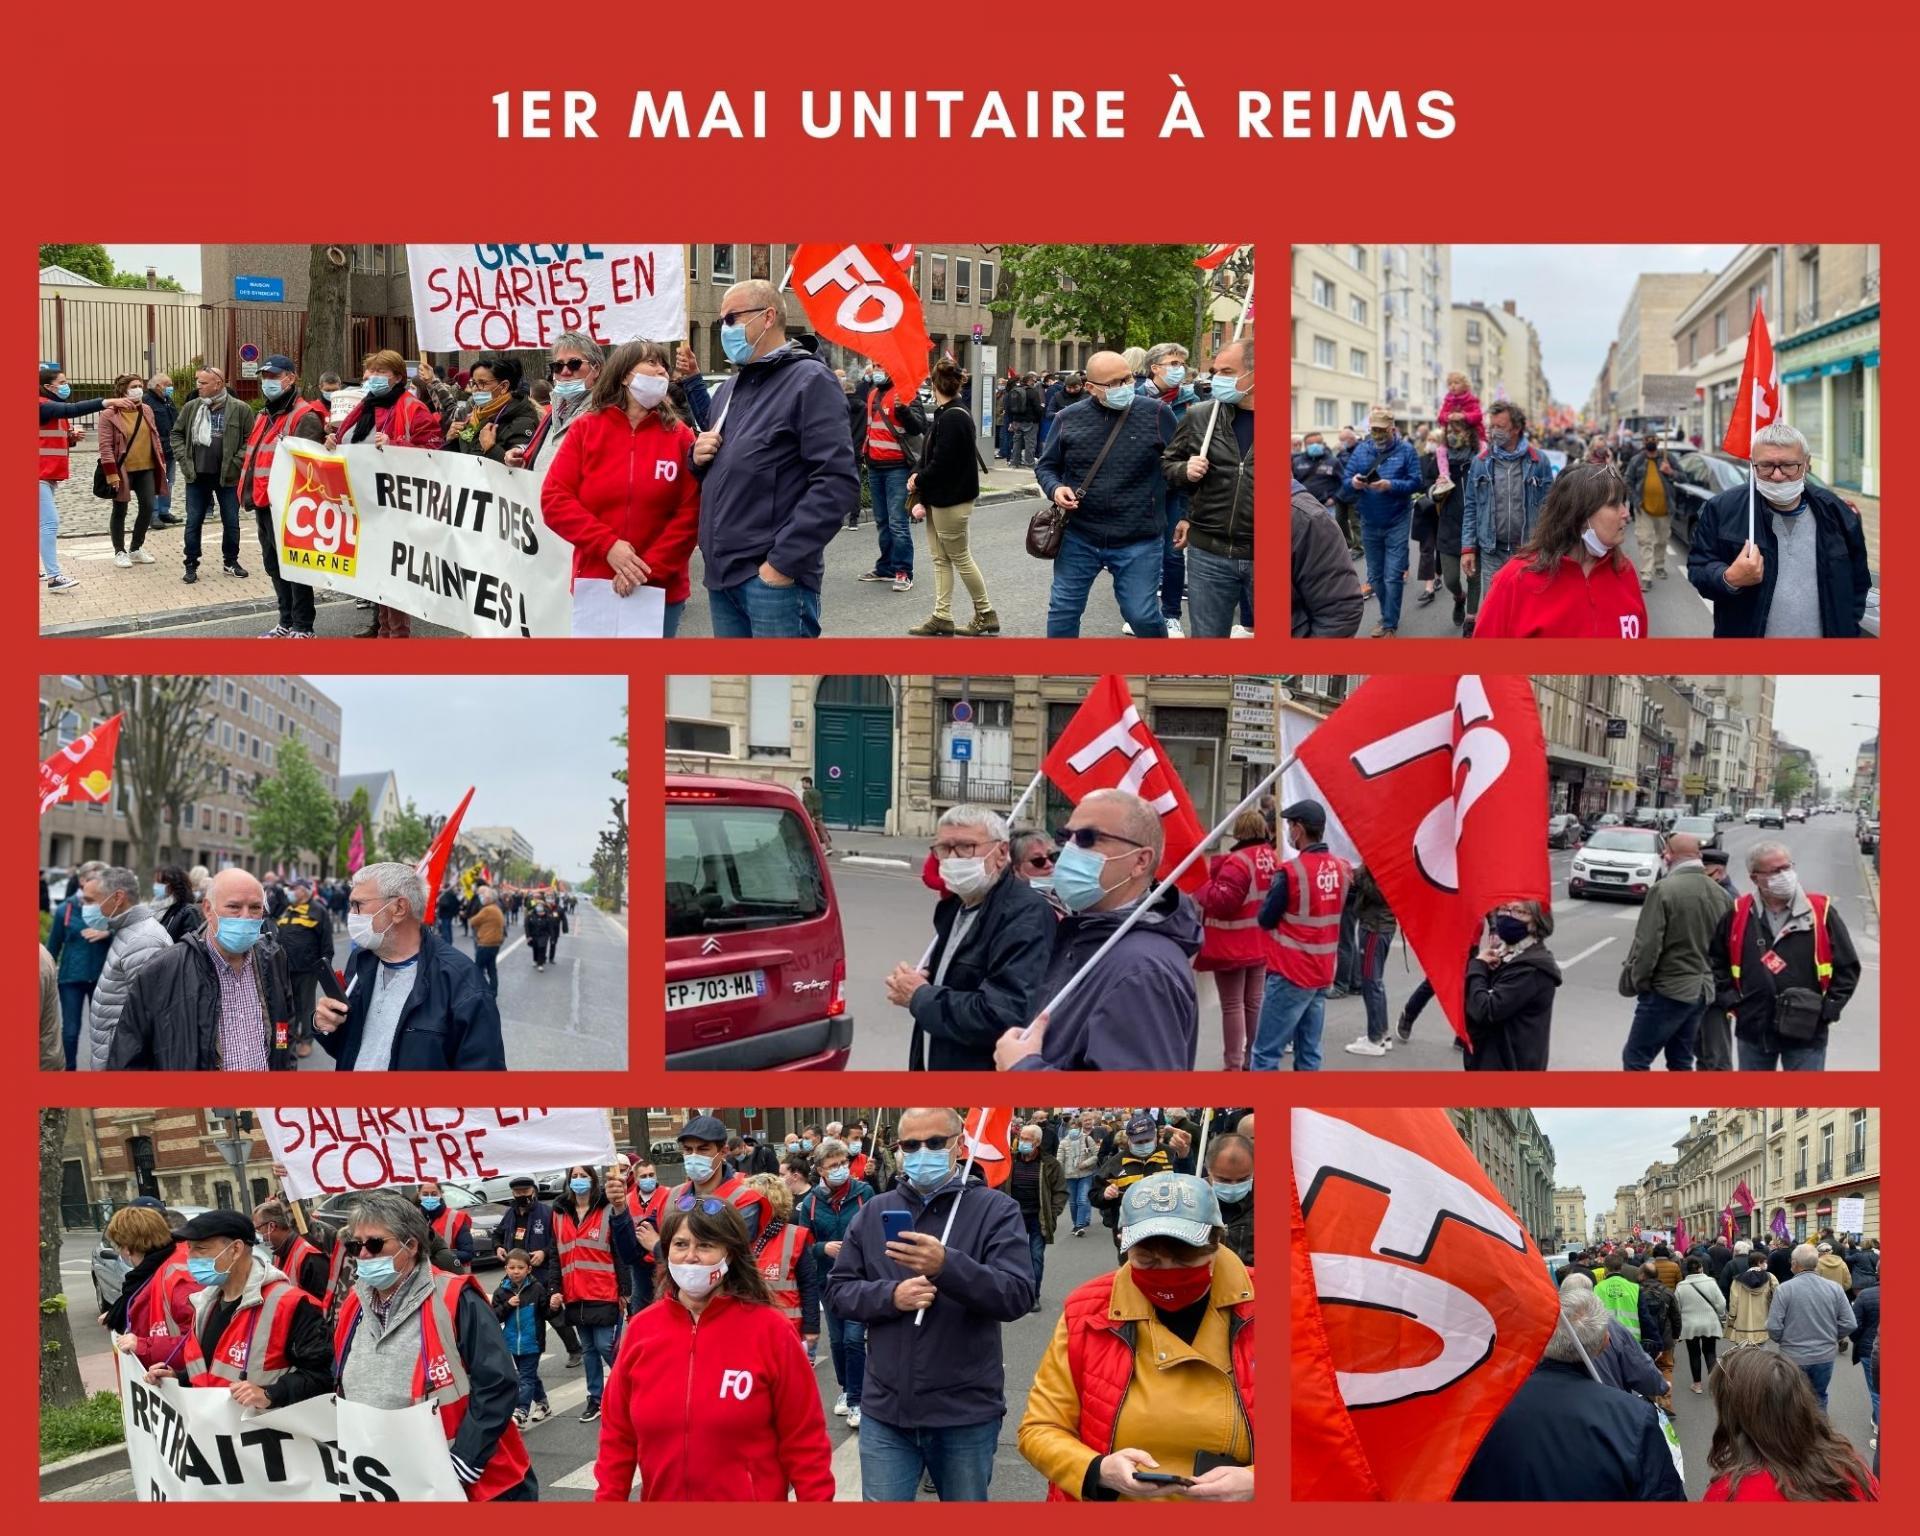 1er mai unitaire a reims